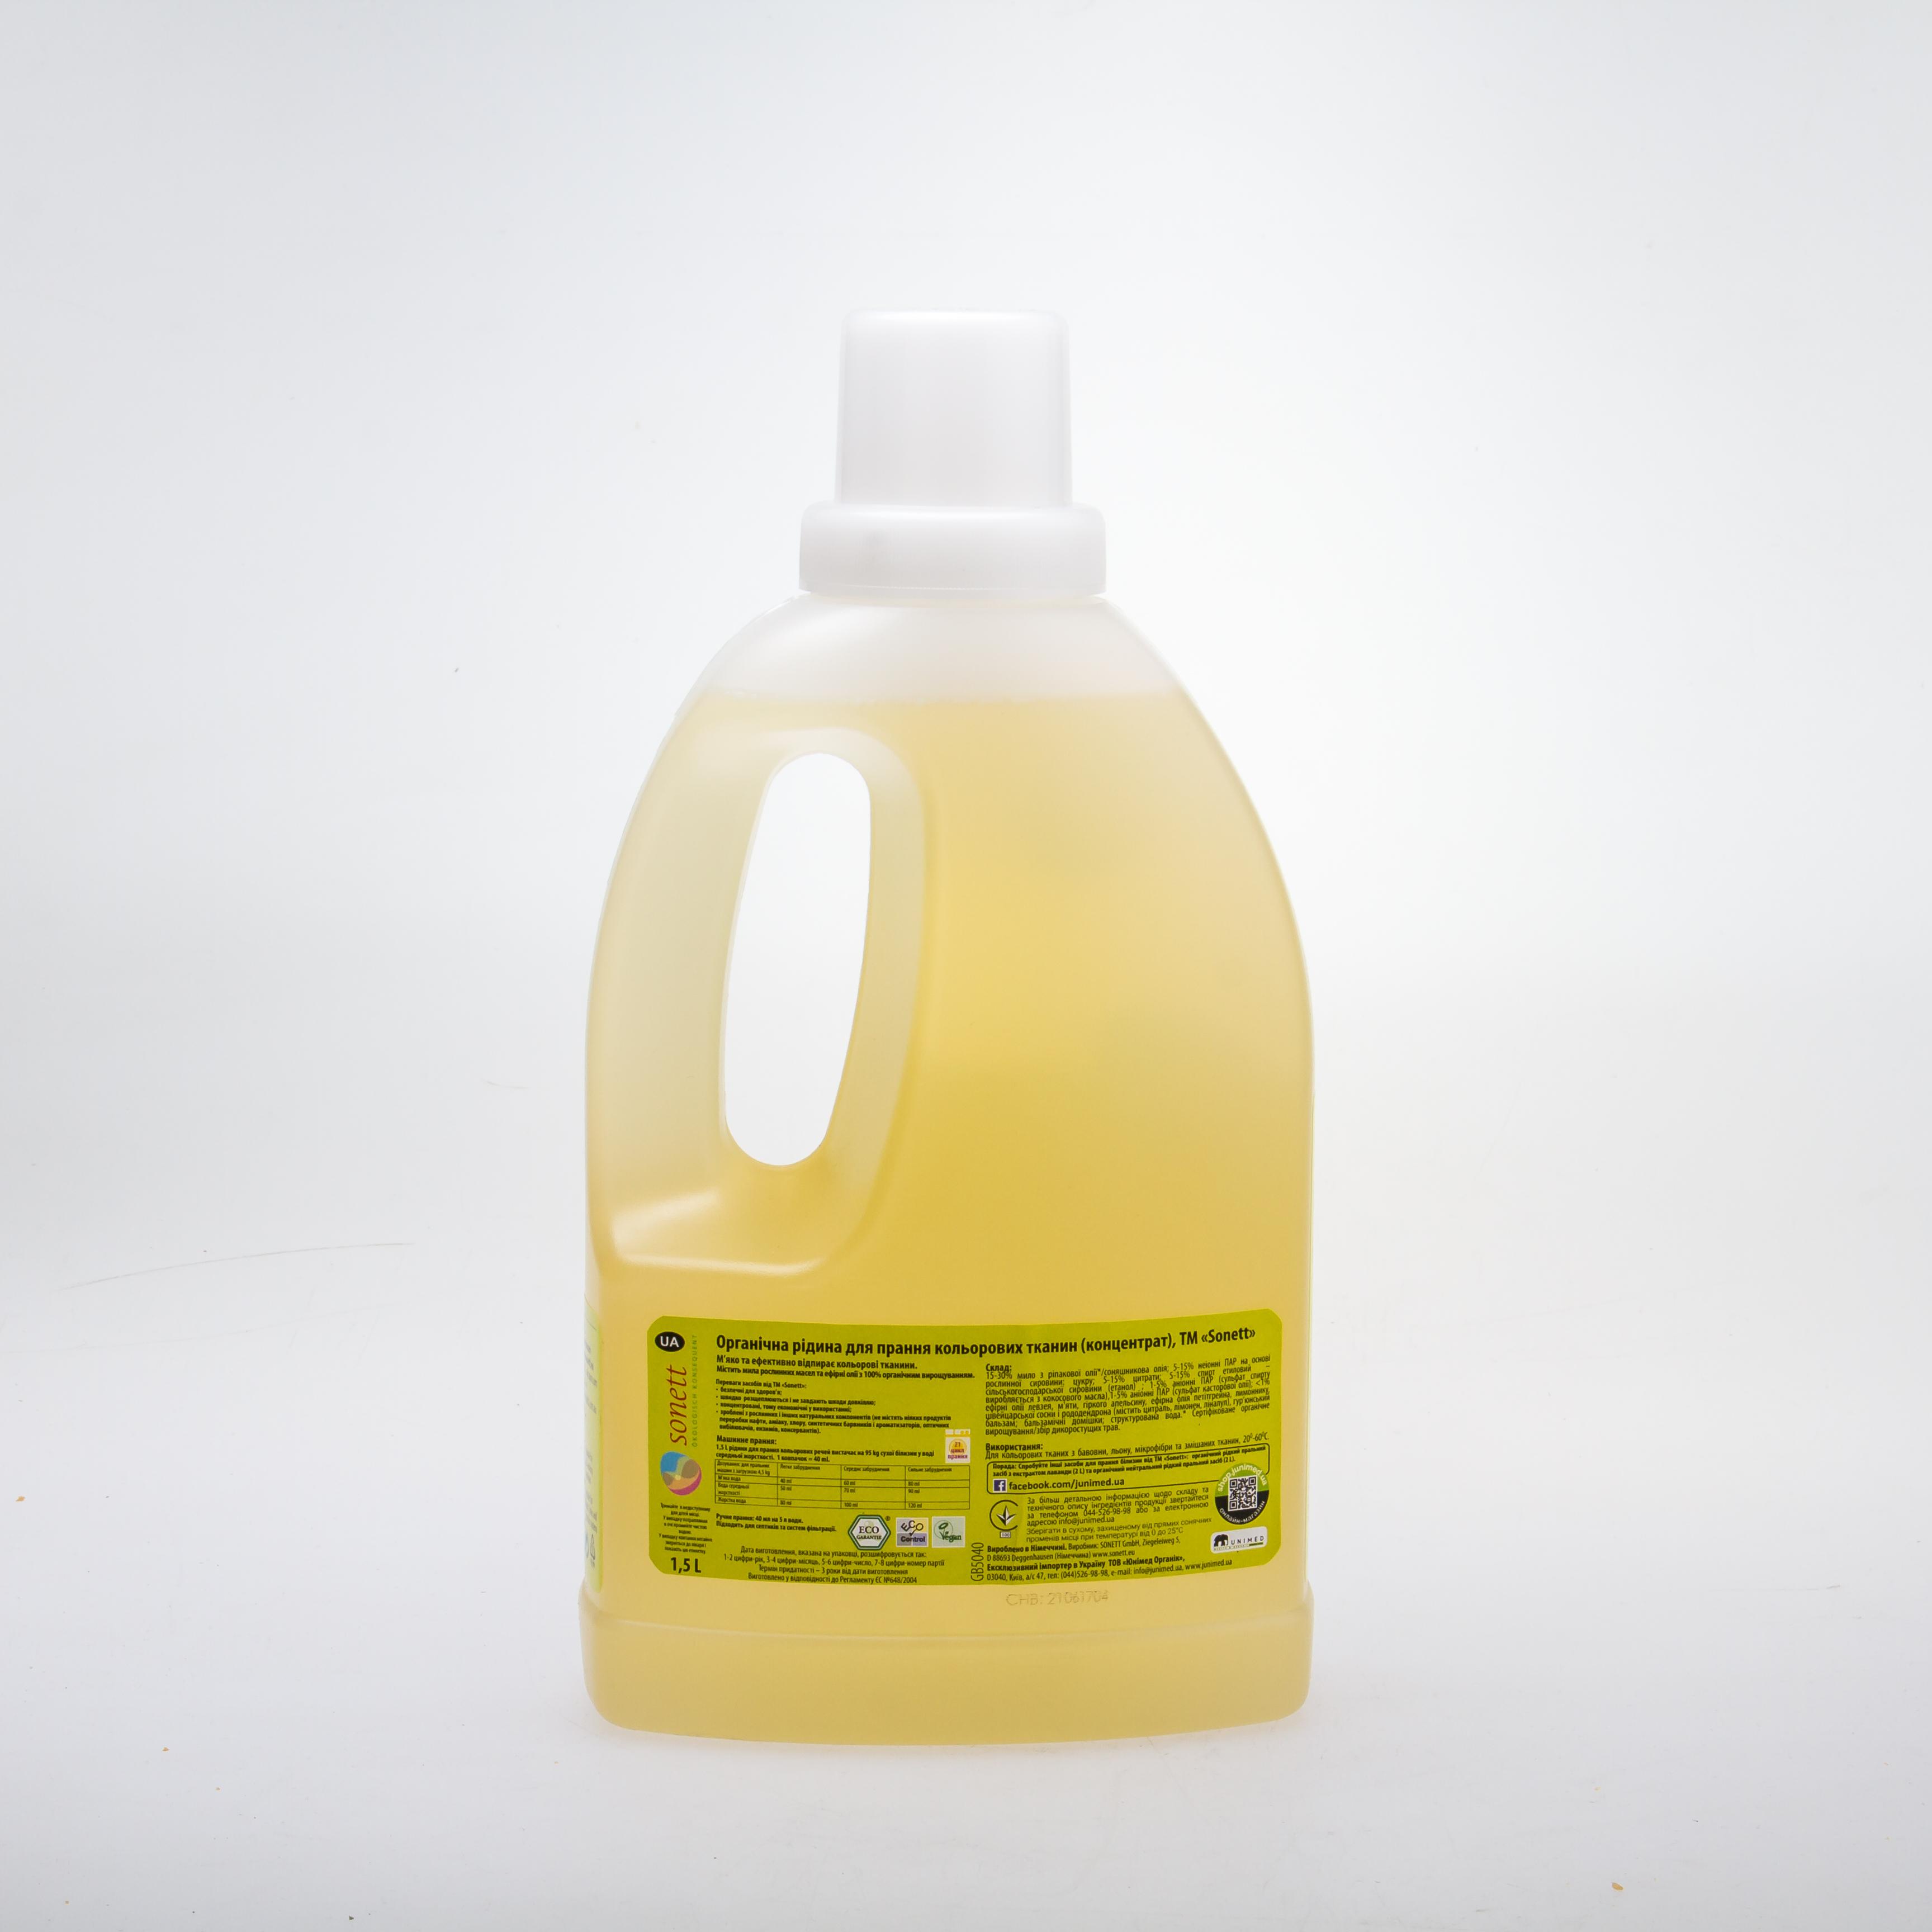 Sonett органічний рідкий пральний засіб для кольорових тканин. Концентрат, 1,5 л - купити в інтернет-магазині Юнимед